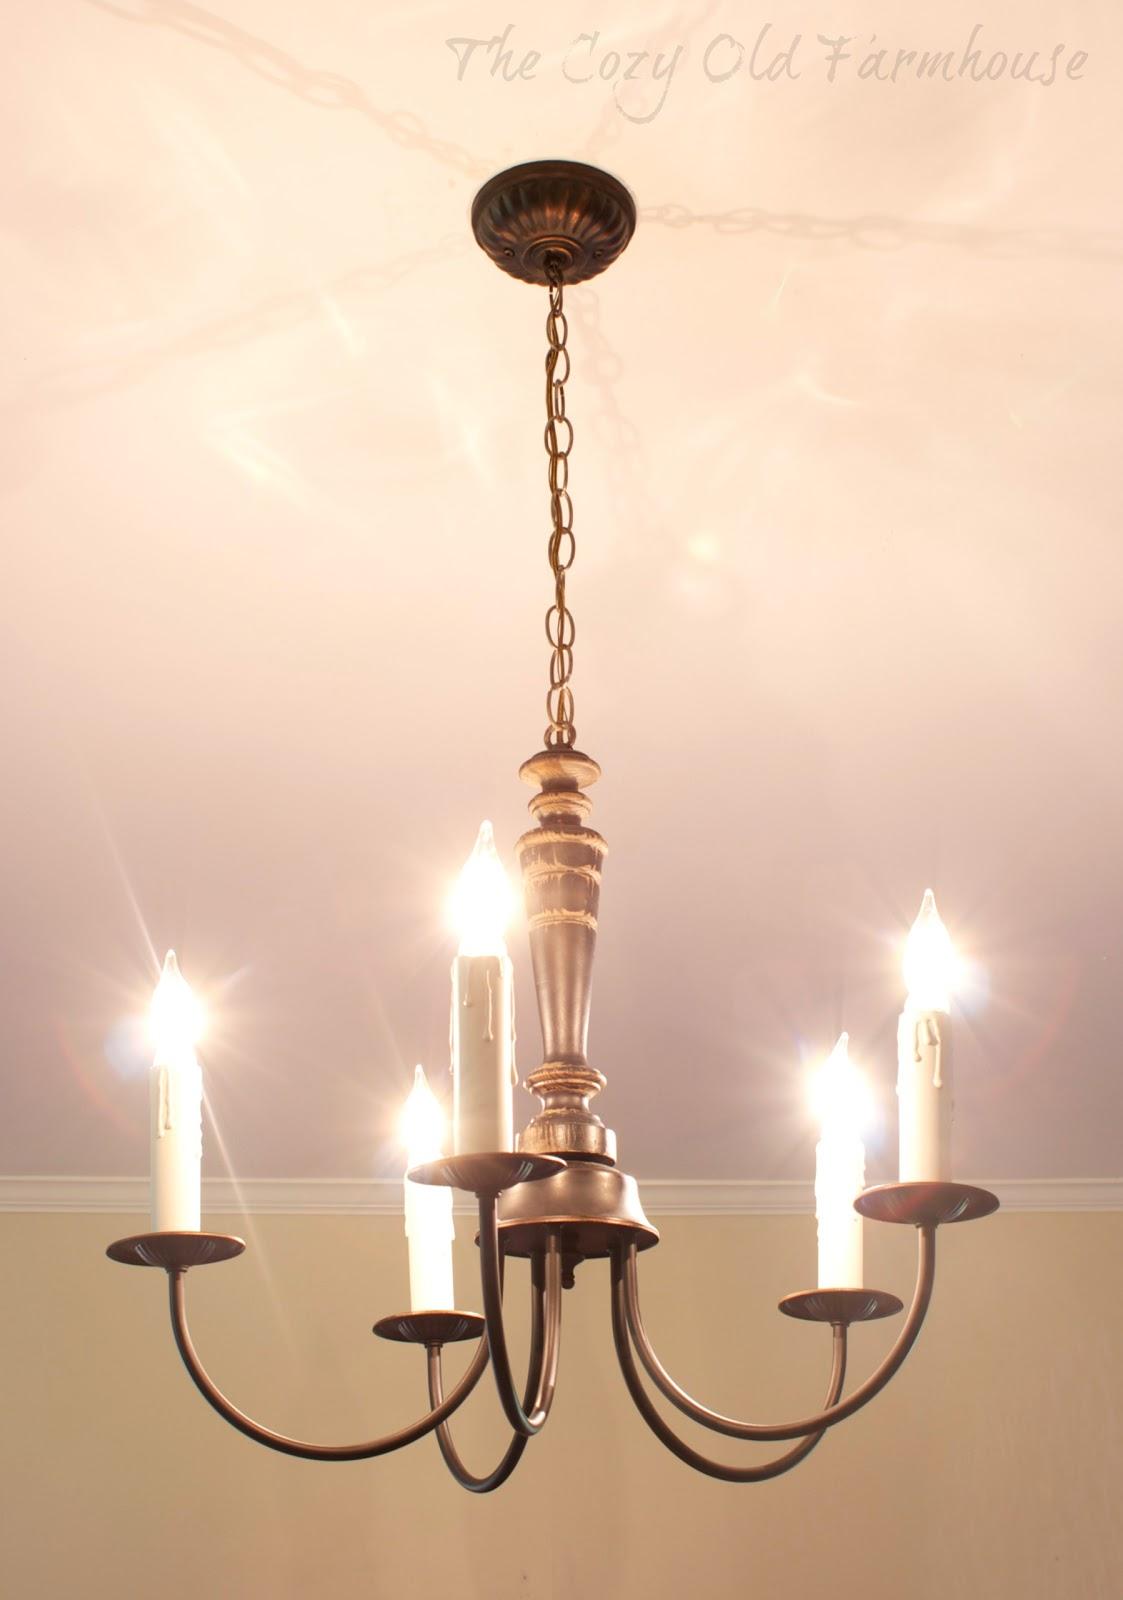 The cozy old farmhouse a farmhouse chandelier makeover a farmhouse chandelier makeover arubaitofo Gallery